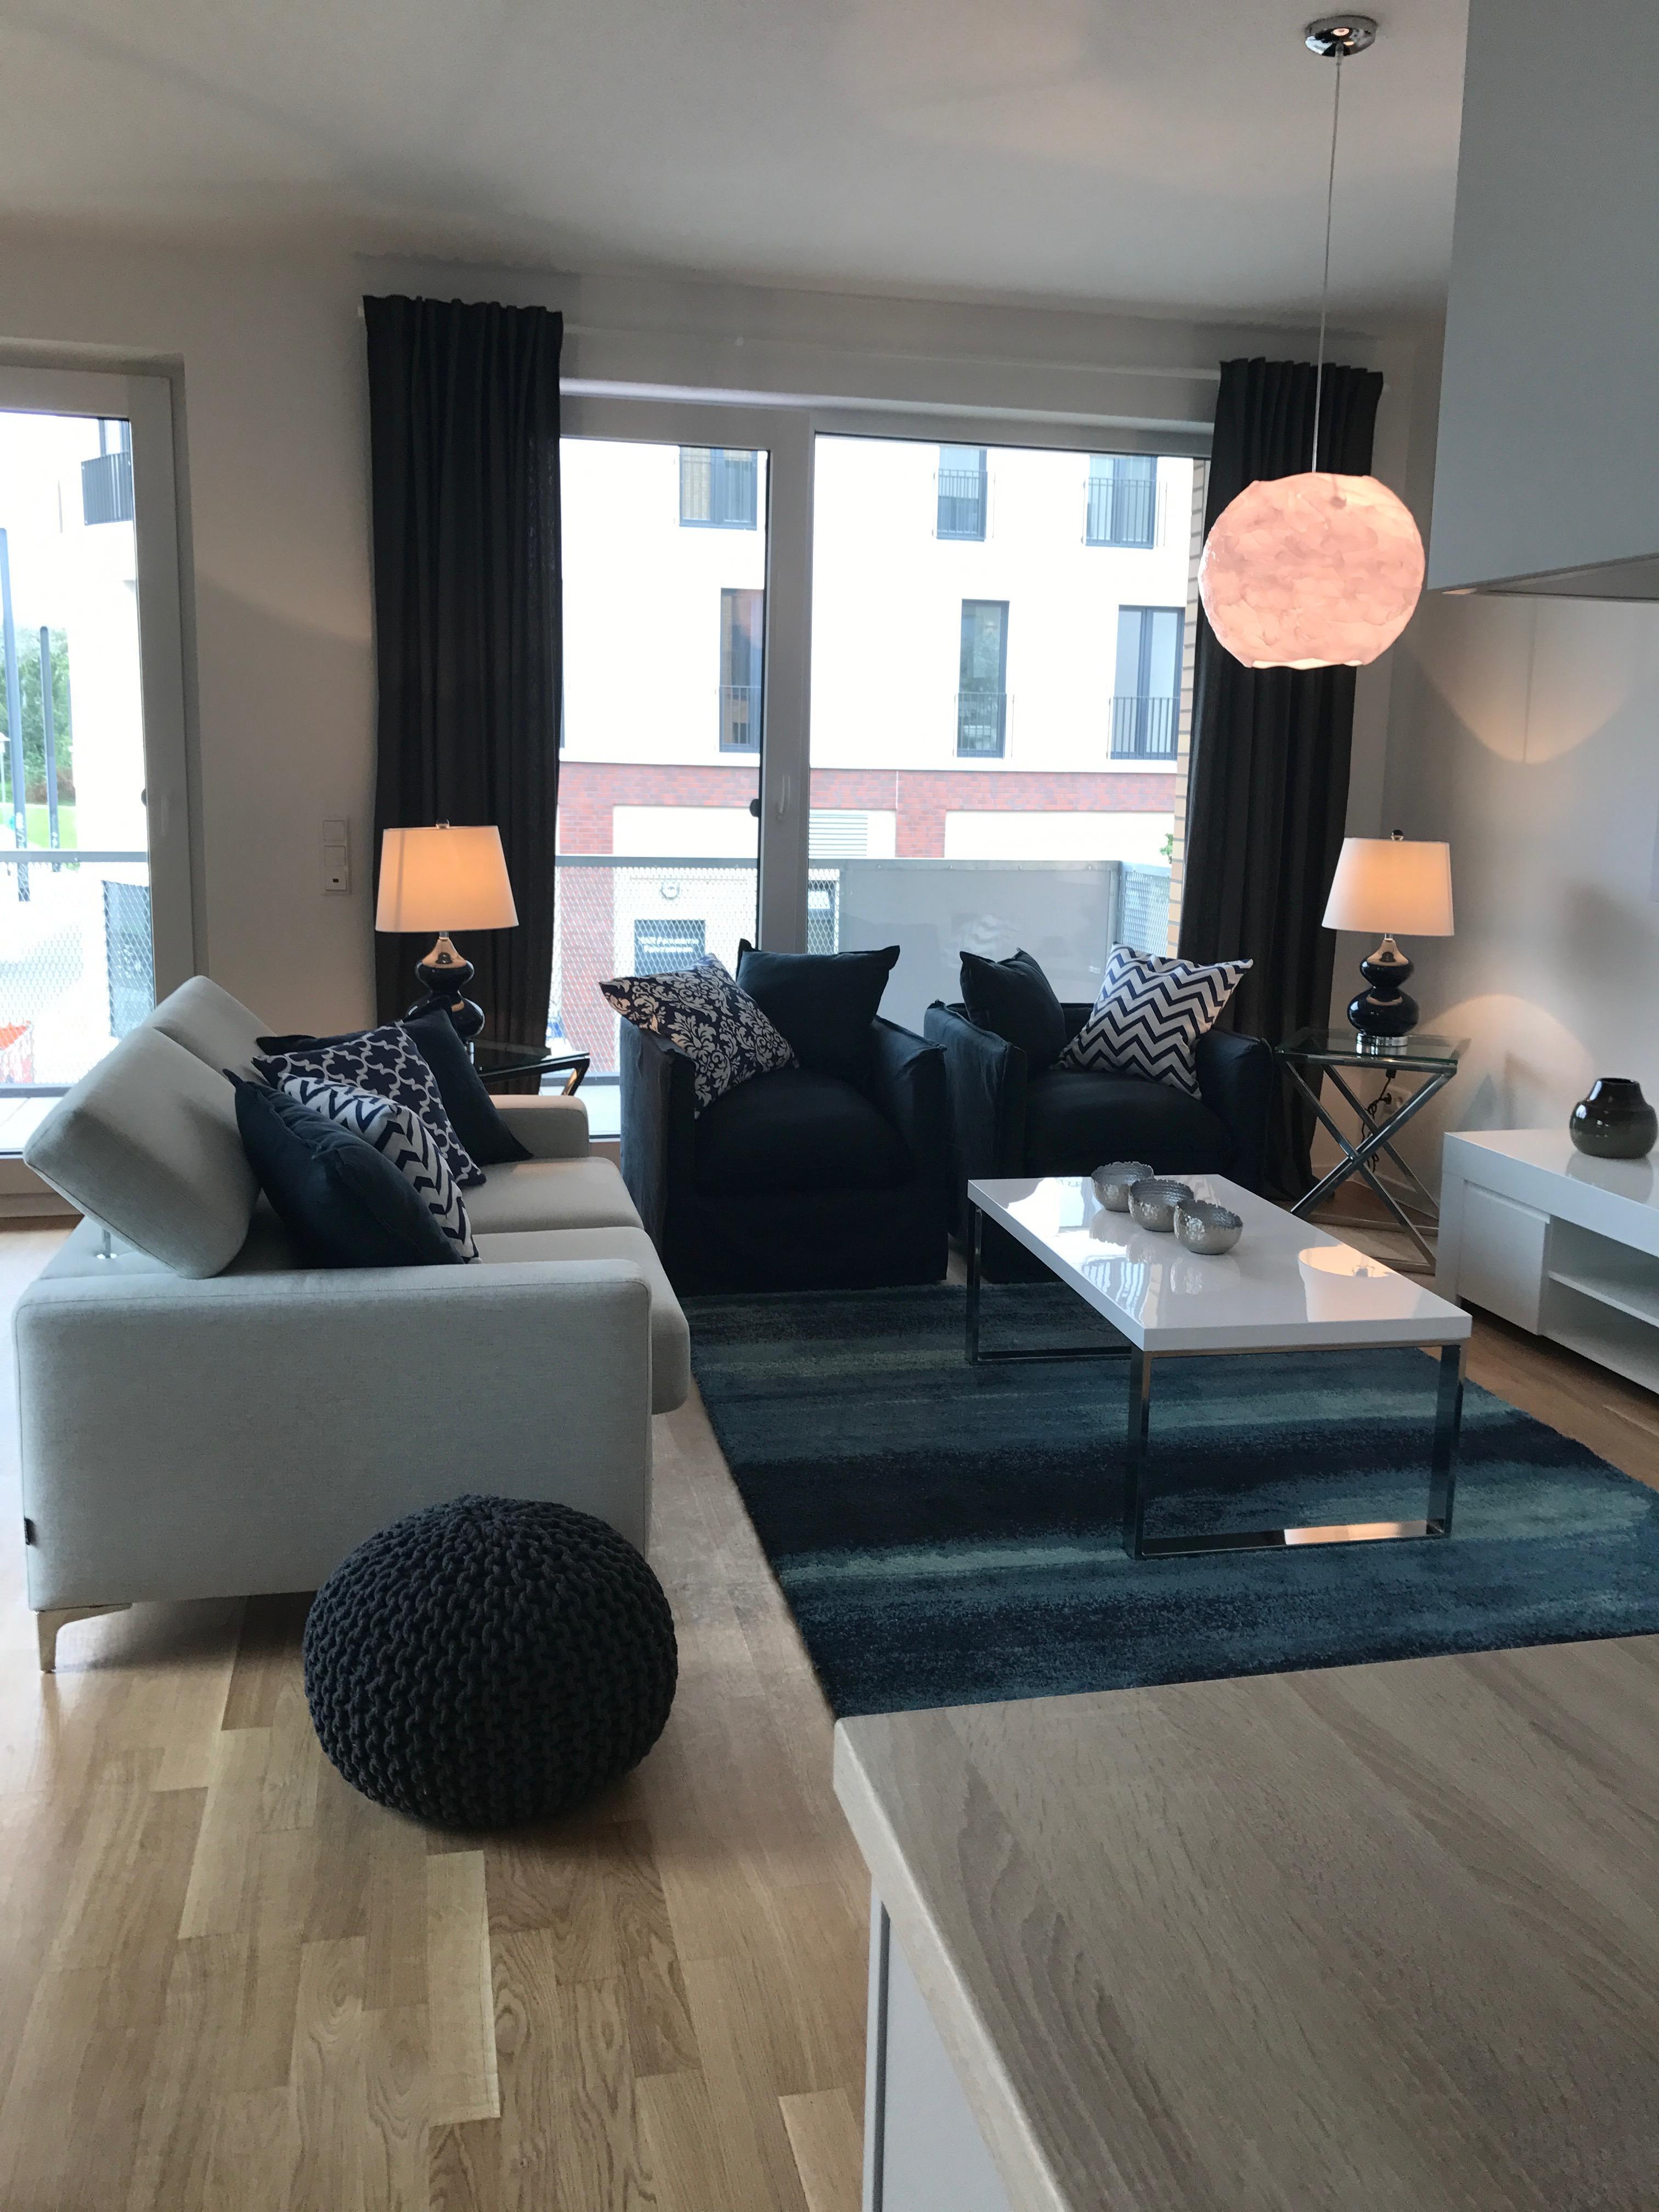 Wohnzimmer sofa schwarz  Wohnbereich Schwarz und Weiß #wohnzimmer #sofa ©Mira...